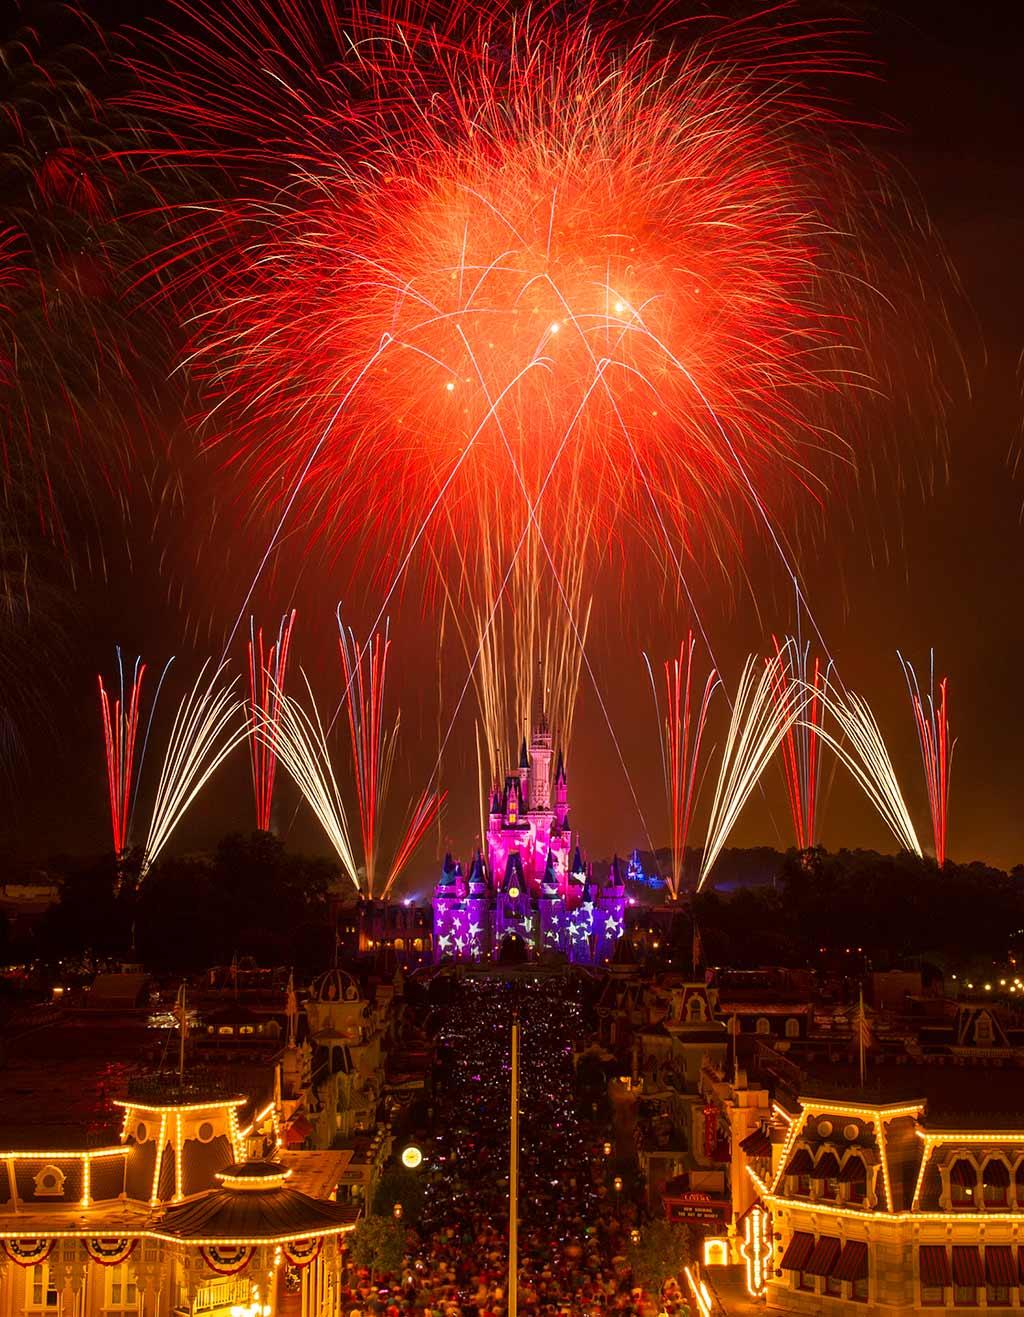 View of Magic Kingdom fireworks from Main Street U.S.A.